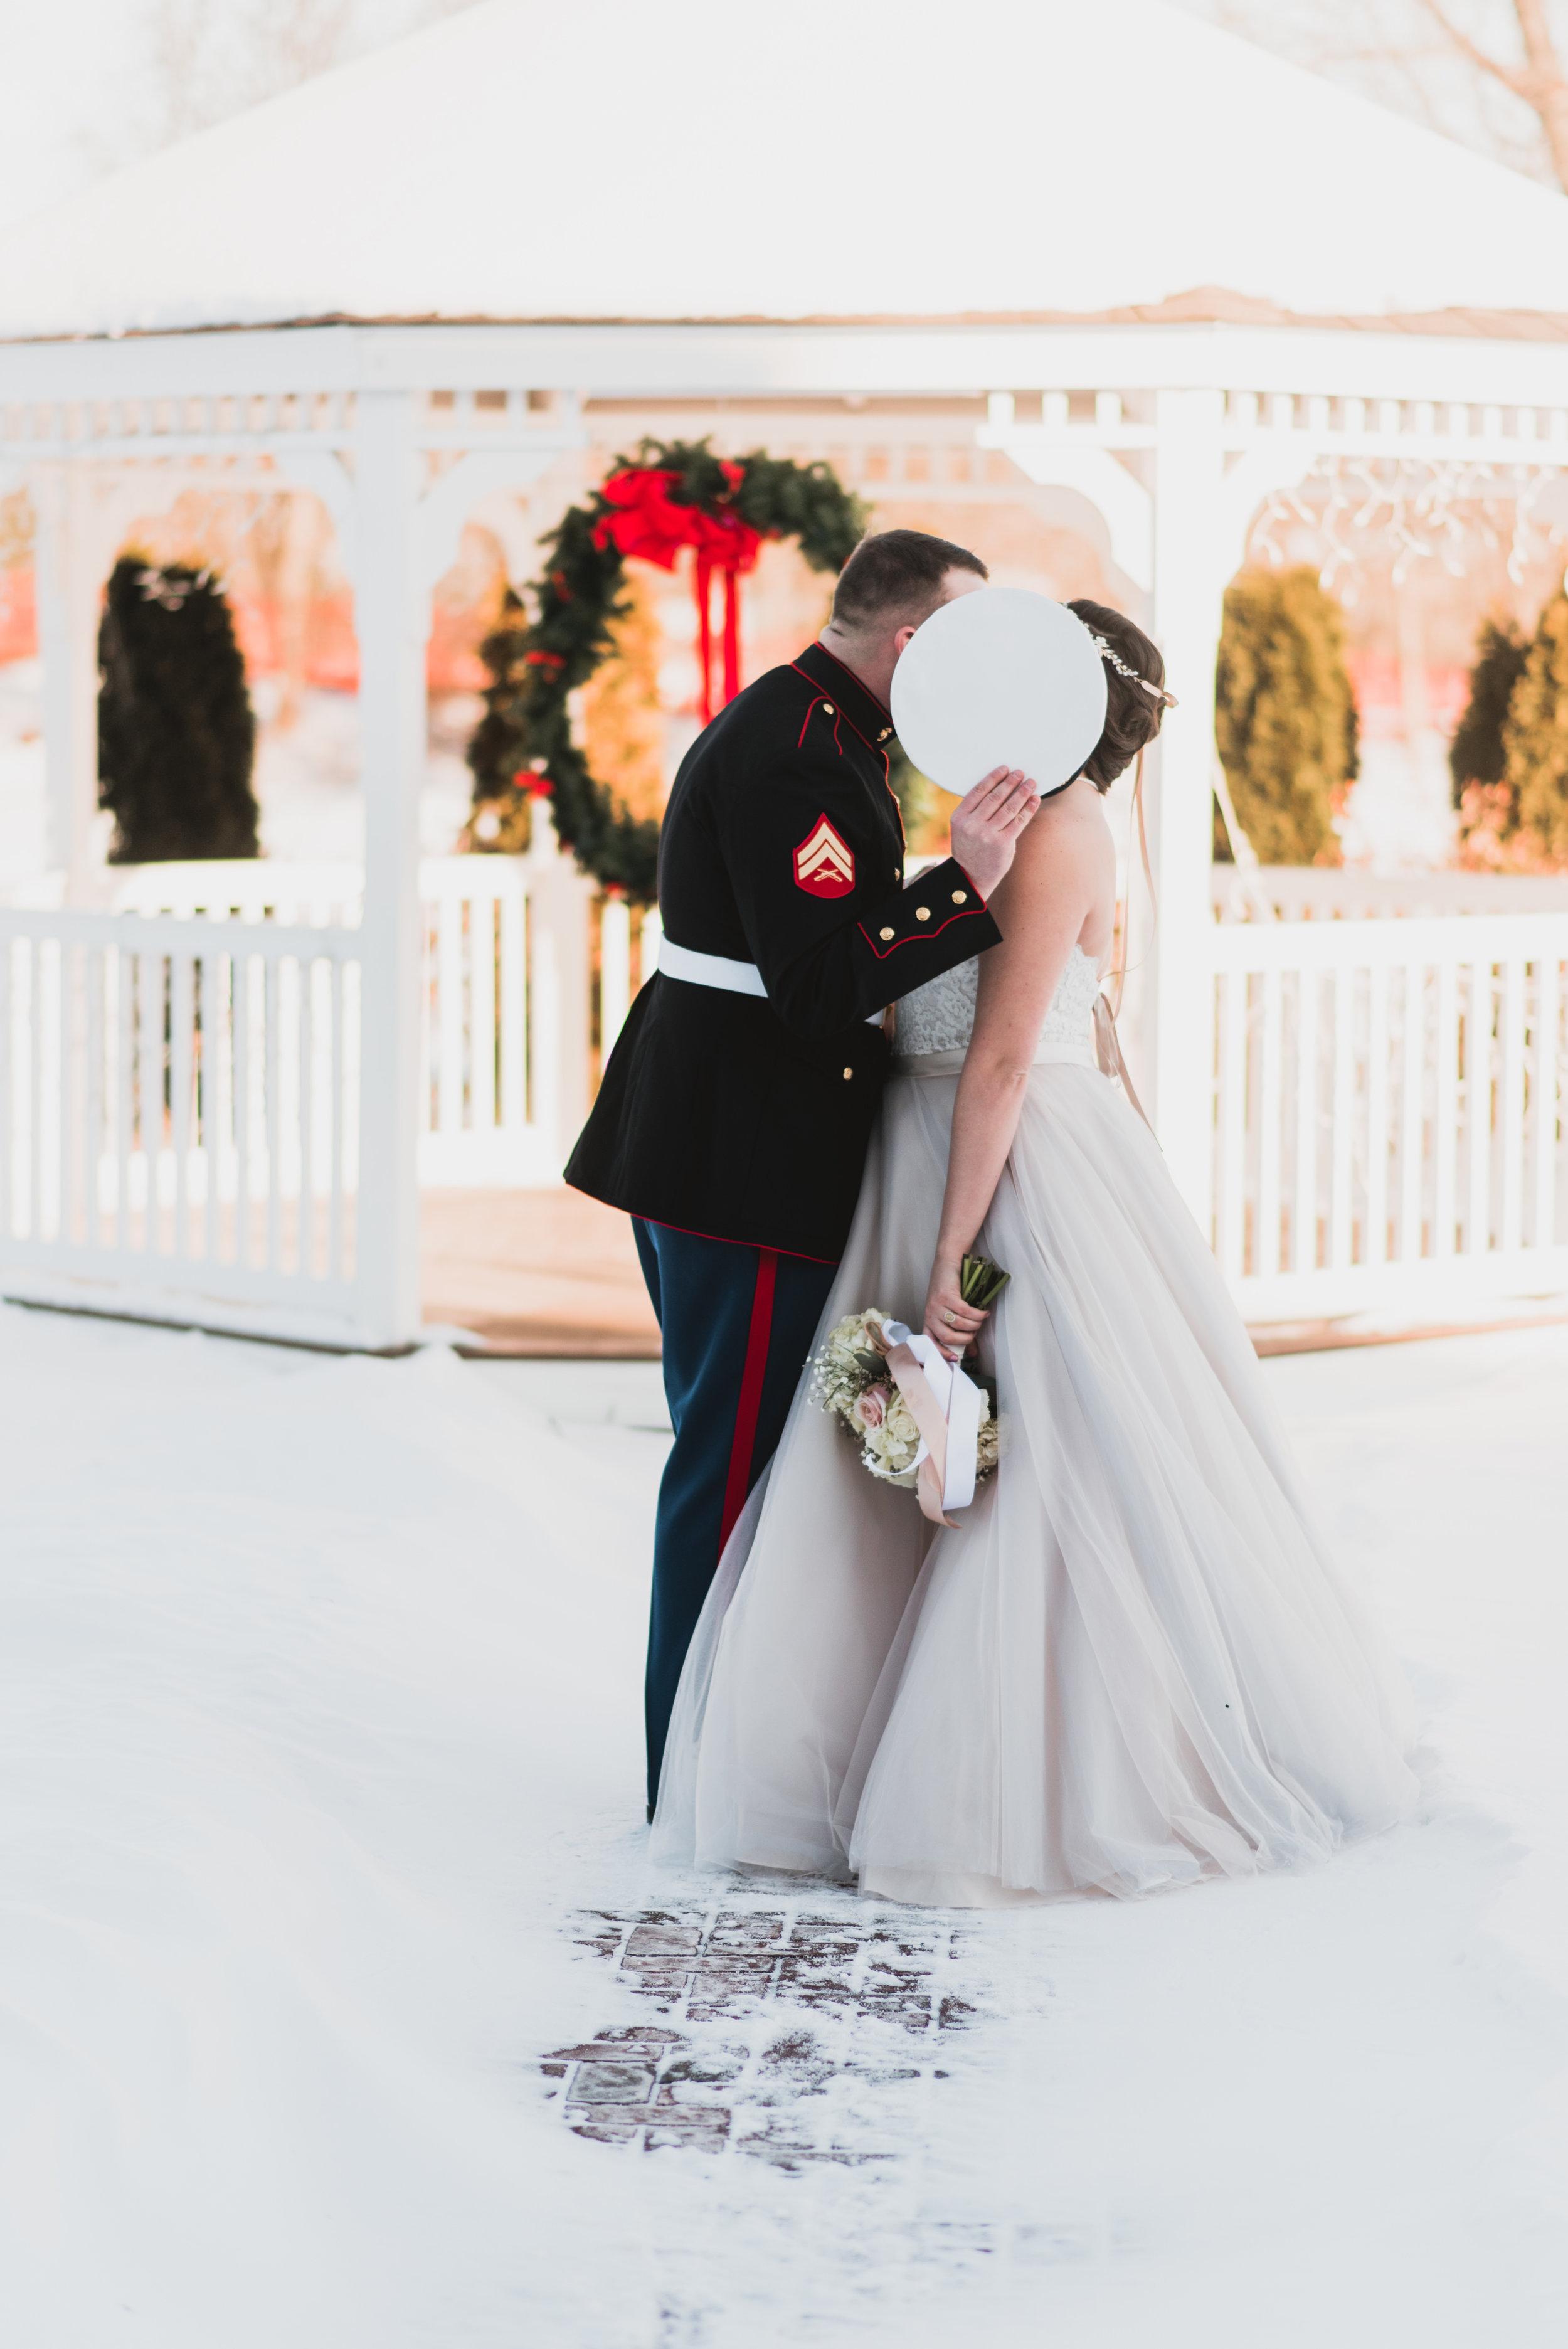 Brid eand groom kissing behind the hat